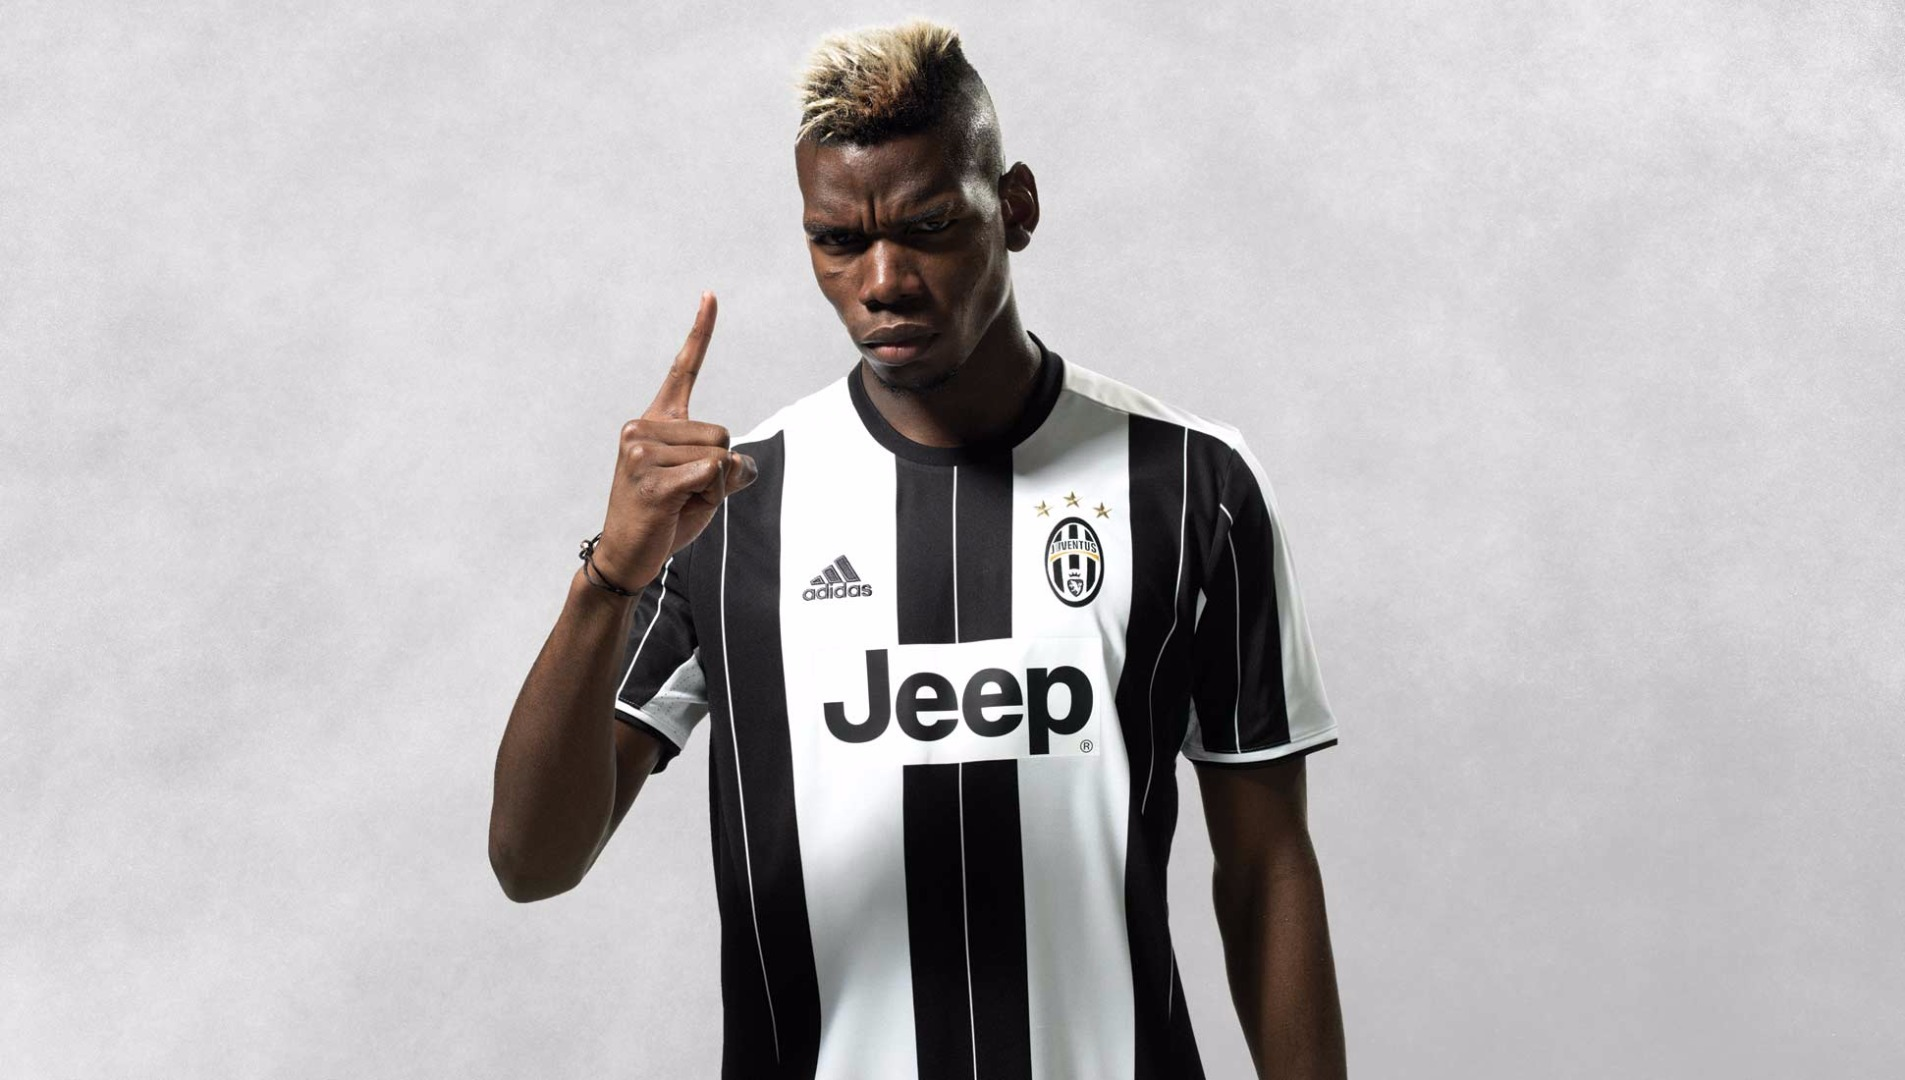 697862cf8fb Juventus 16 17 Home Kit by adidas - SoccerBible.